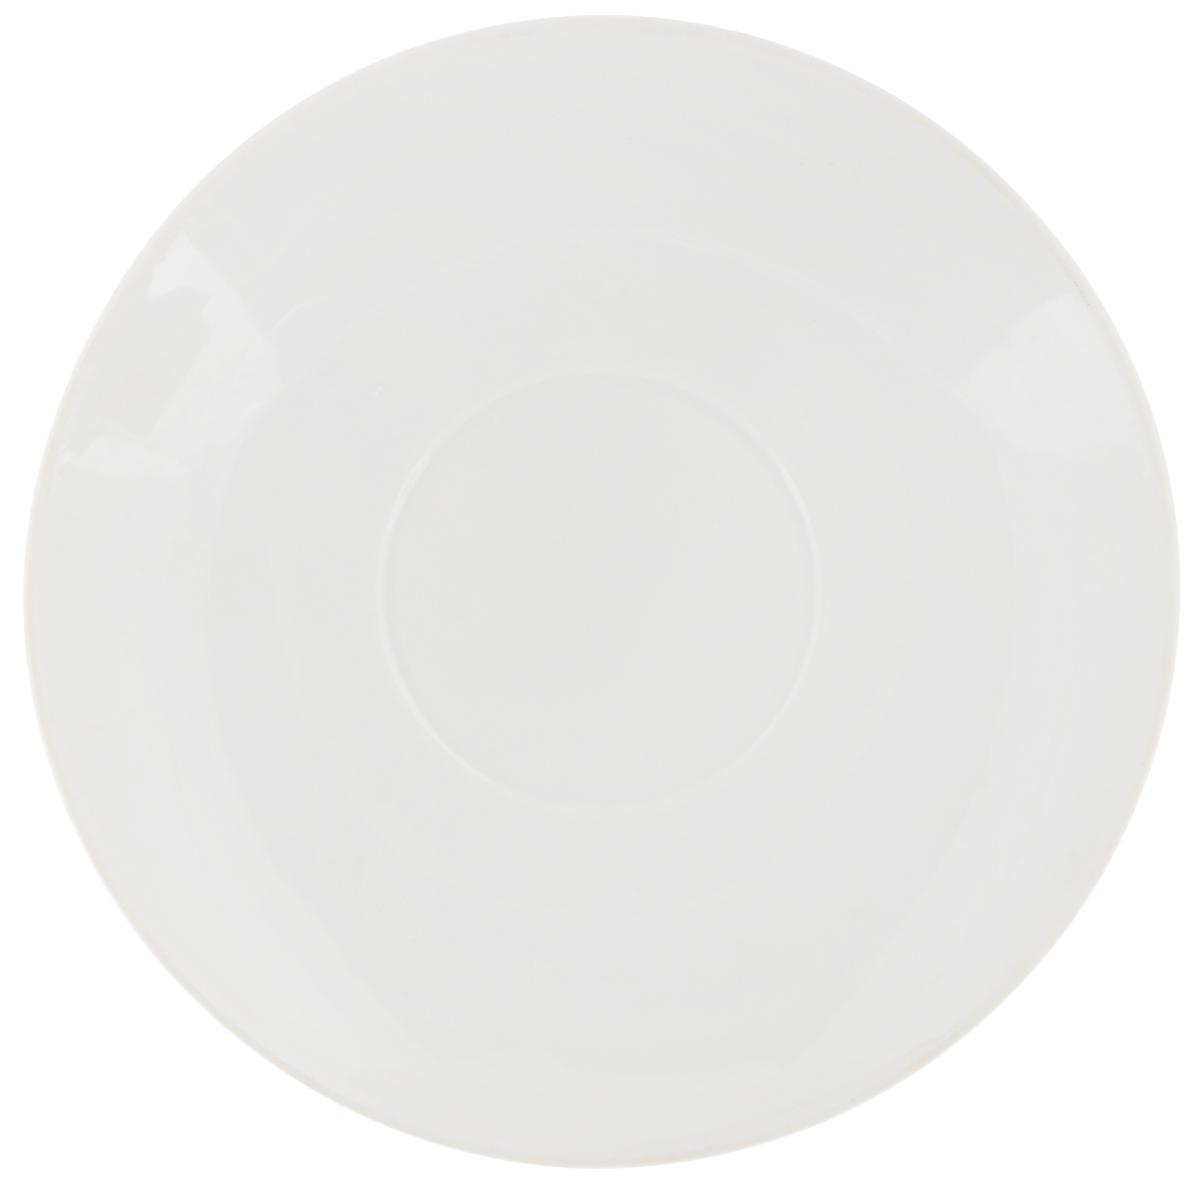 Блюдце Фарфор Вербилок, цвет: белый, диаметр 11 см все домашние задания 5 класс решения пояснения рекомендации